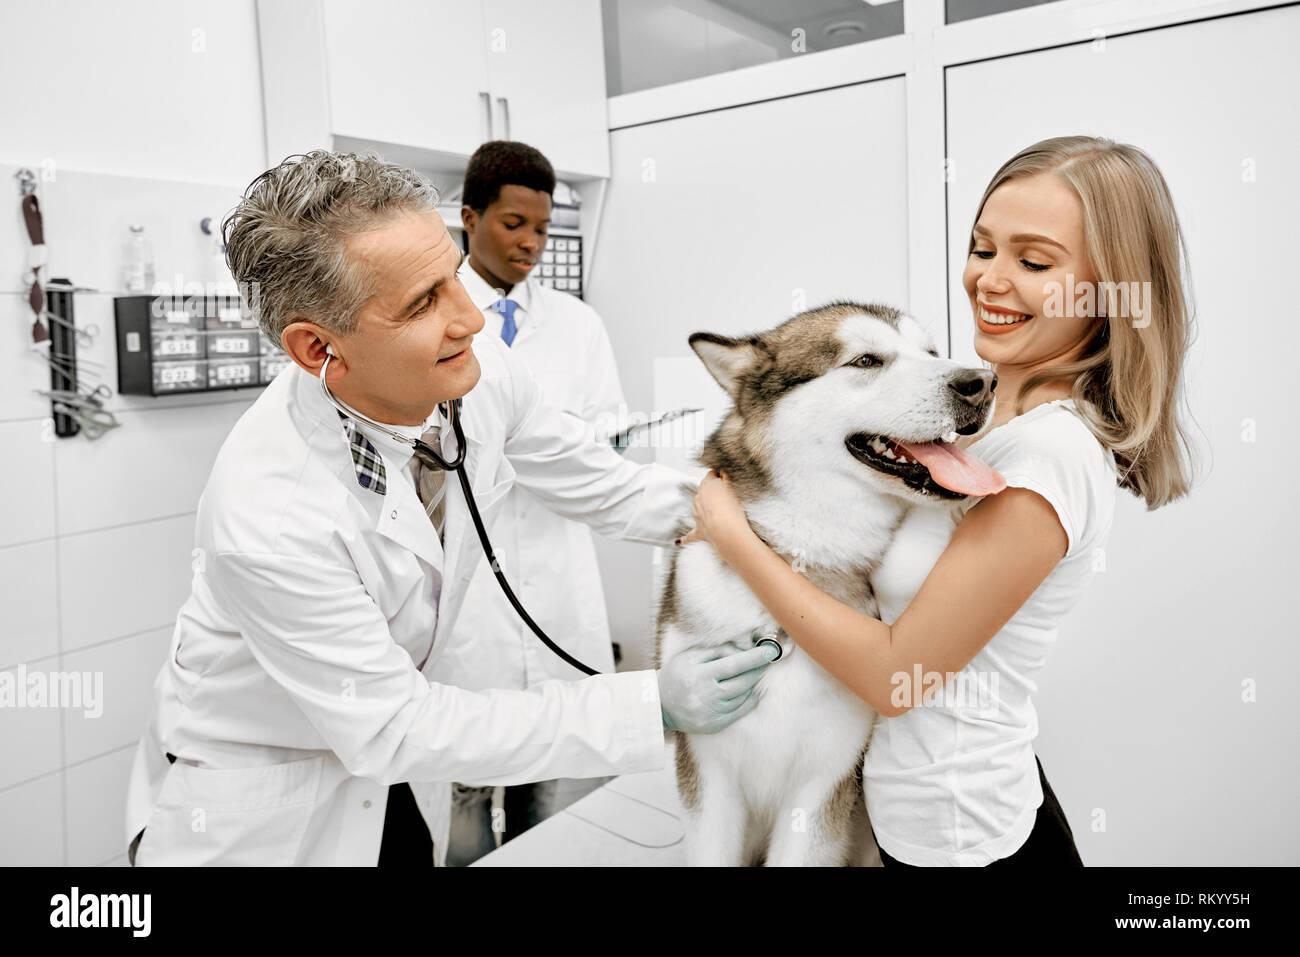 Mujer, feliz propietario de malamute abrazando perro maduro y sonriente, doctor examinar y diagnosticar el animal con el estetoscopio en la clínica privada. Ayudante africano de pie detrás. Foto de stock